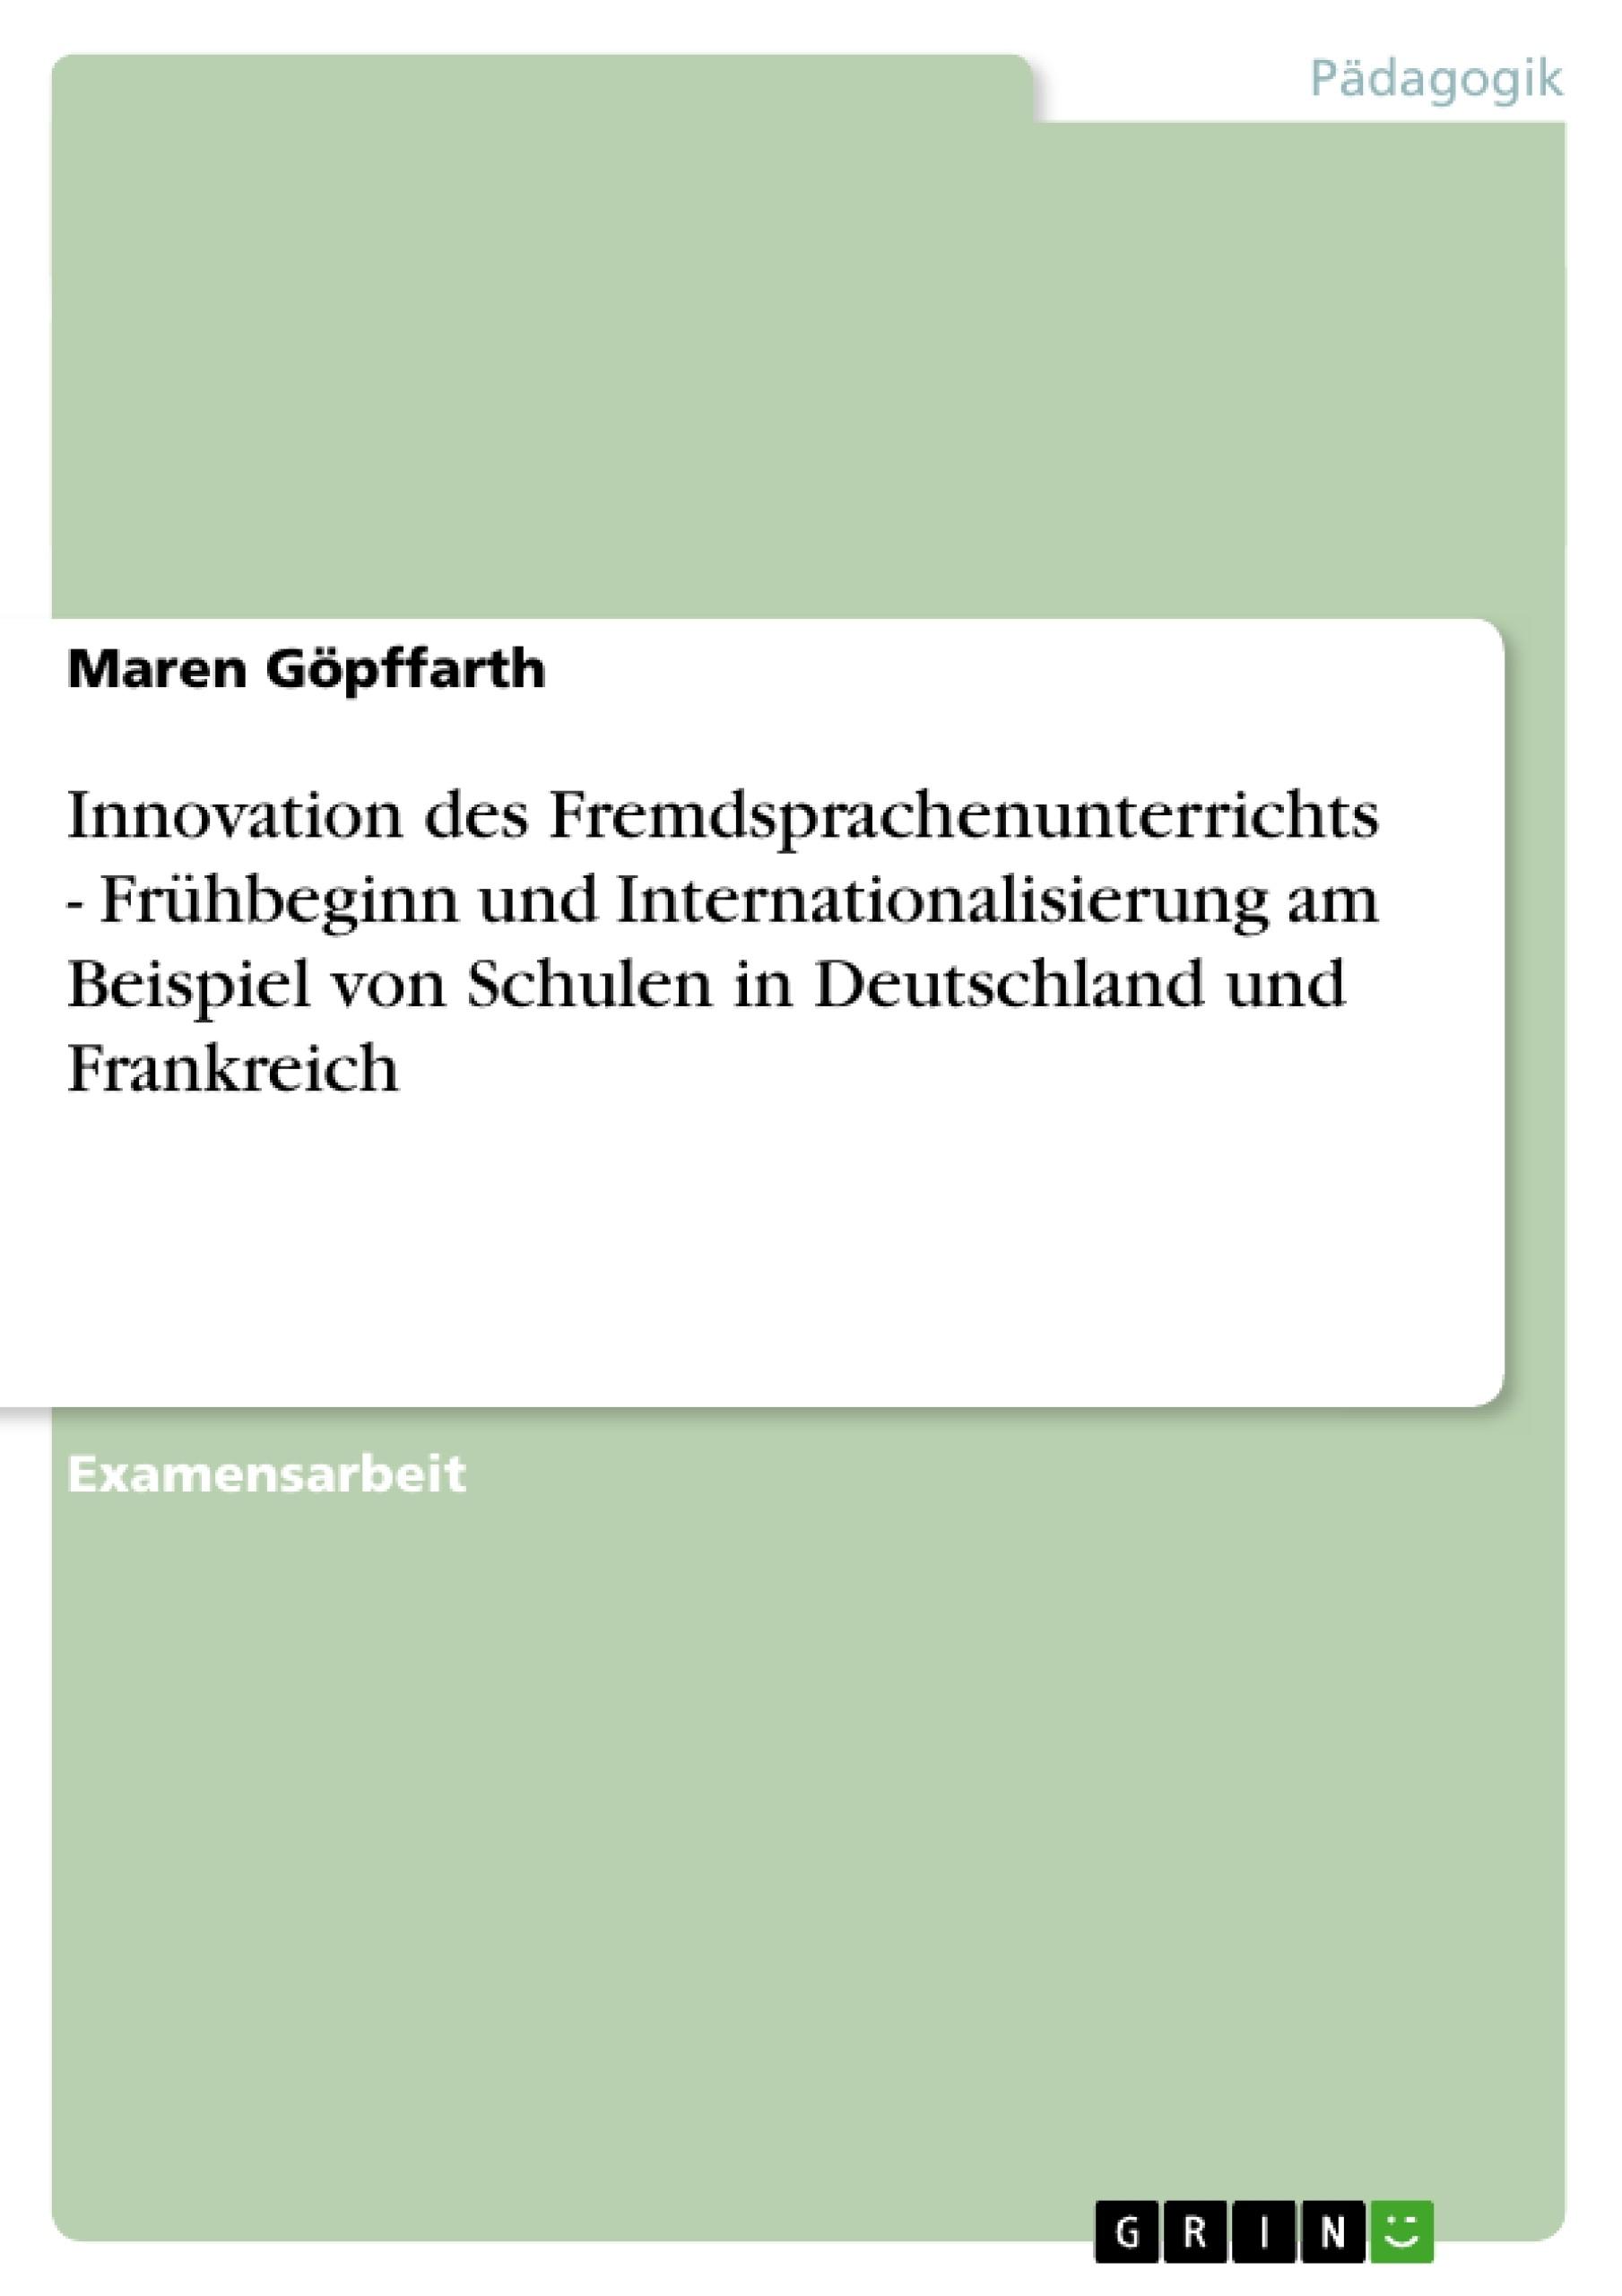 Titel: Innovation des Fremdsprachenunterrichts - Frühbeginn und Internationalisierung am Beispiel von Schulen in Deutschland und Frankreich